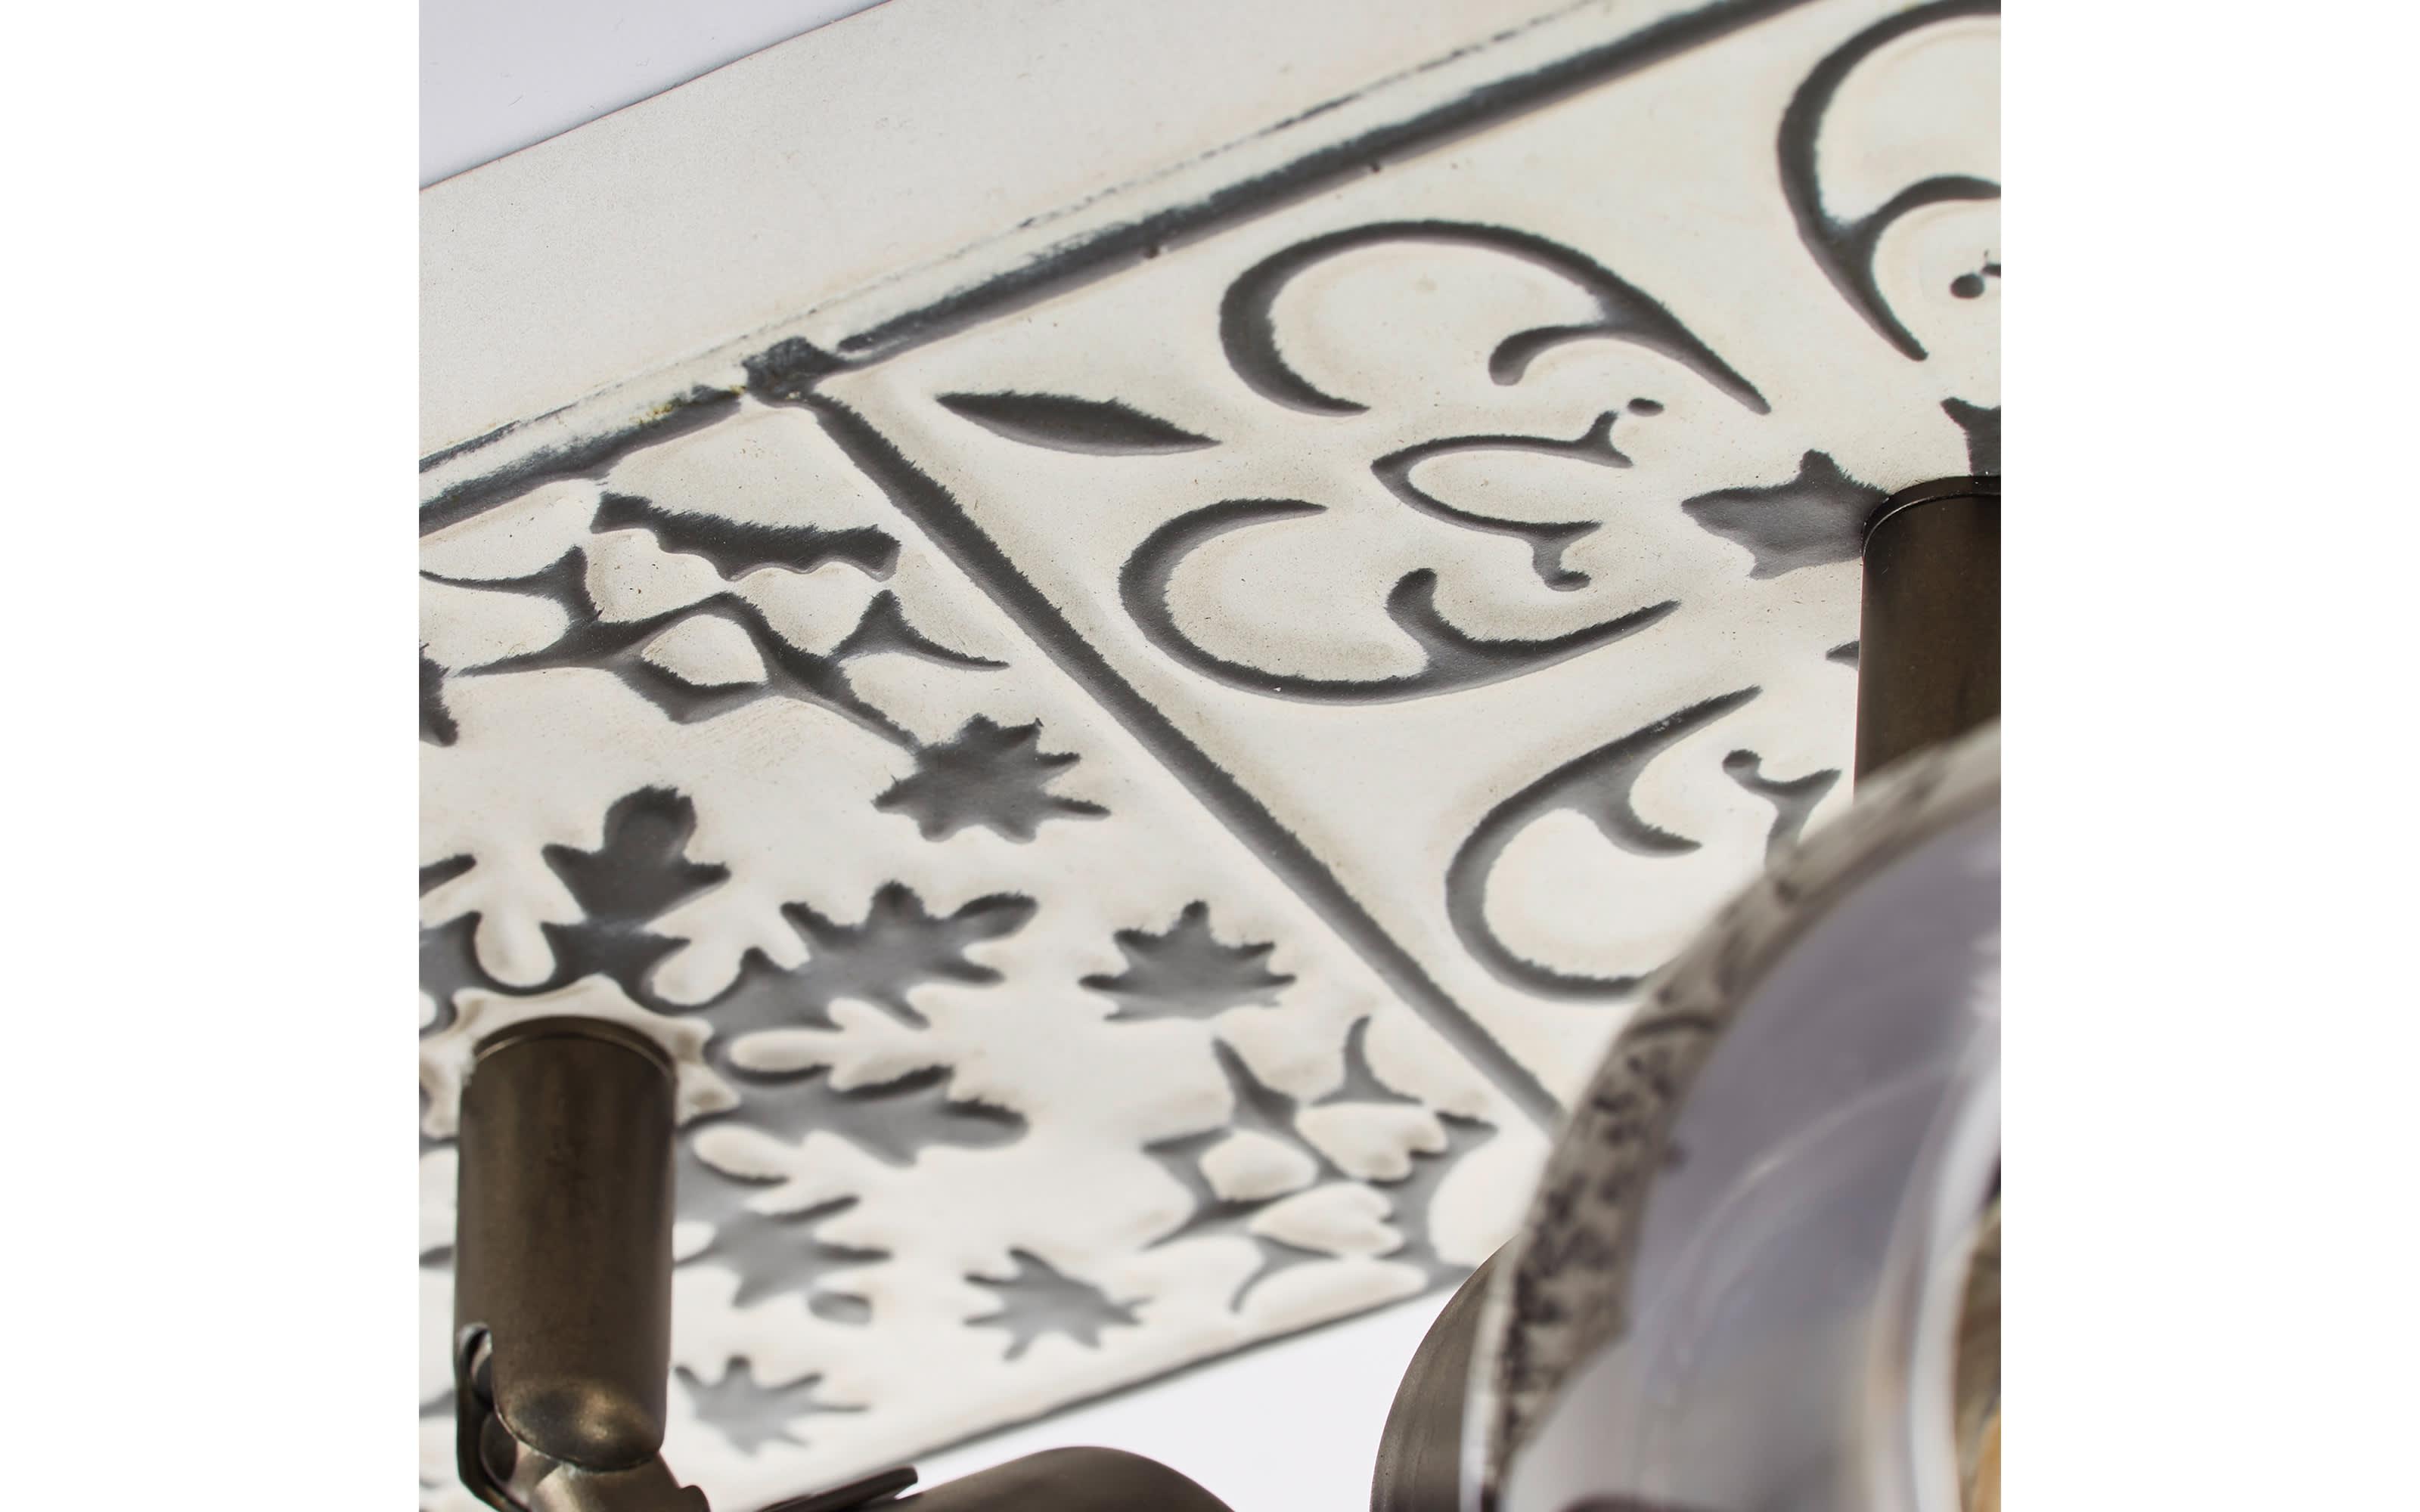 Deckenleuchte Tolosa in creme/rauchfarbig, 2-flammig